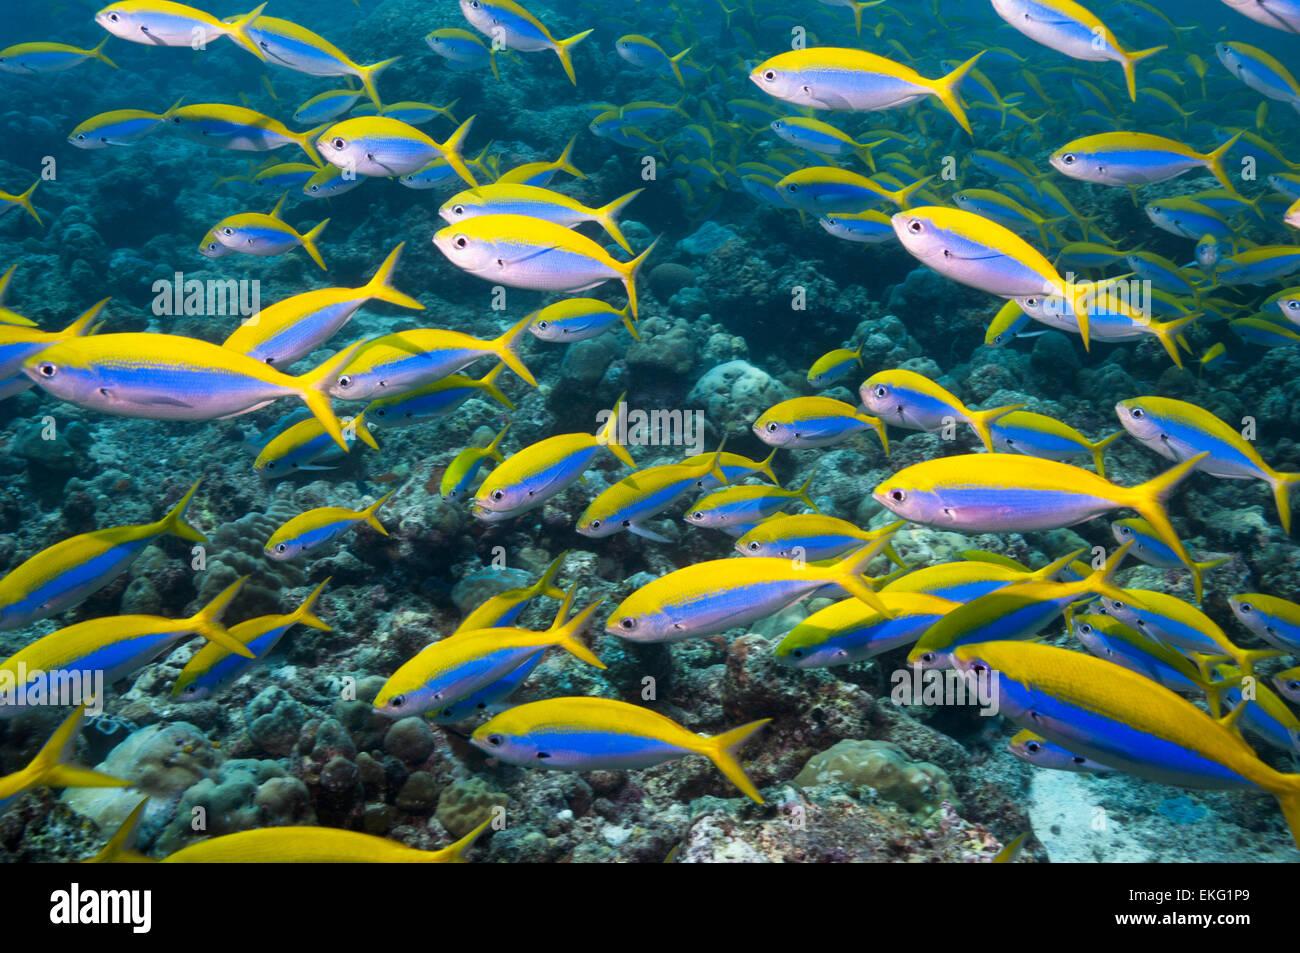 Yellowback fusilier [Caesio] xanthonota école sur les récifs coralliens. Les Maldives. Photo Stock